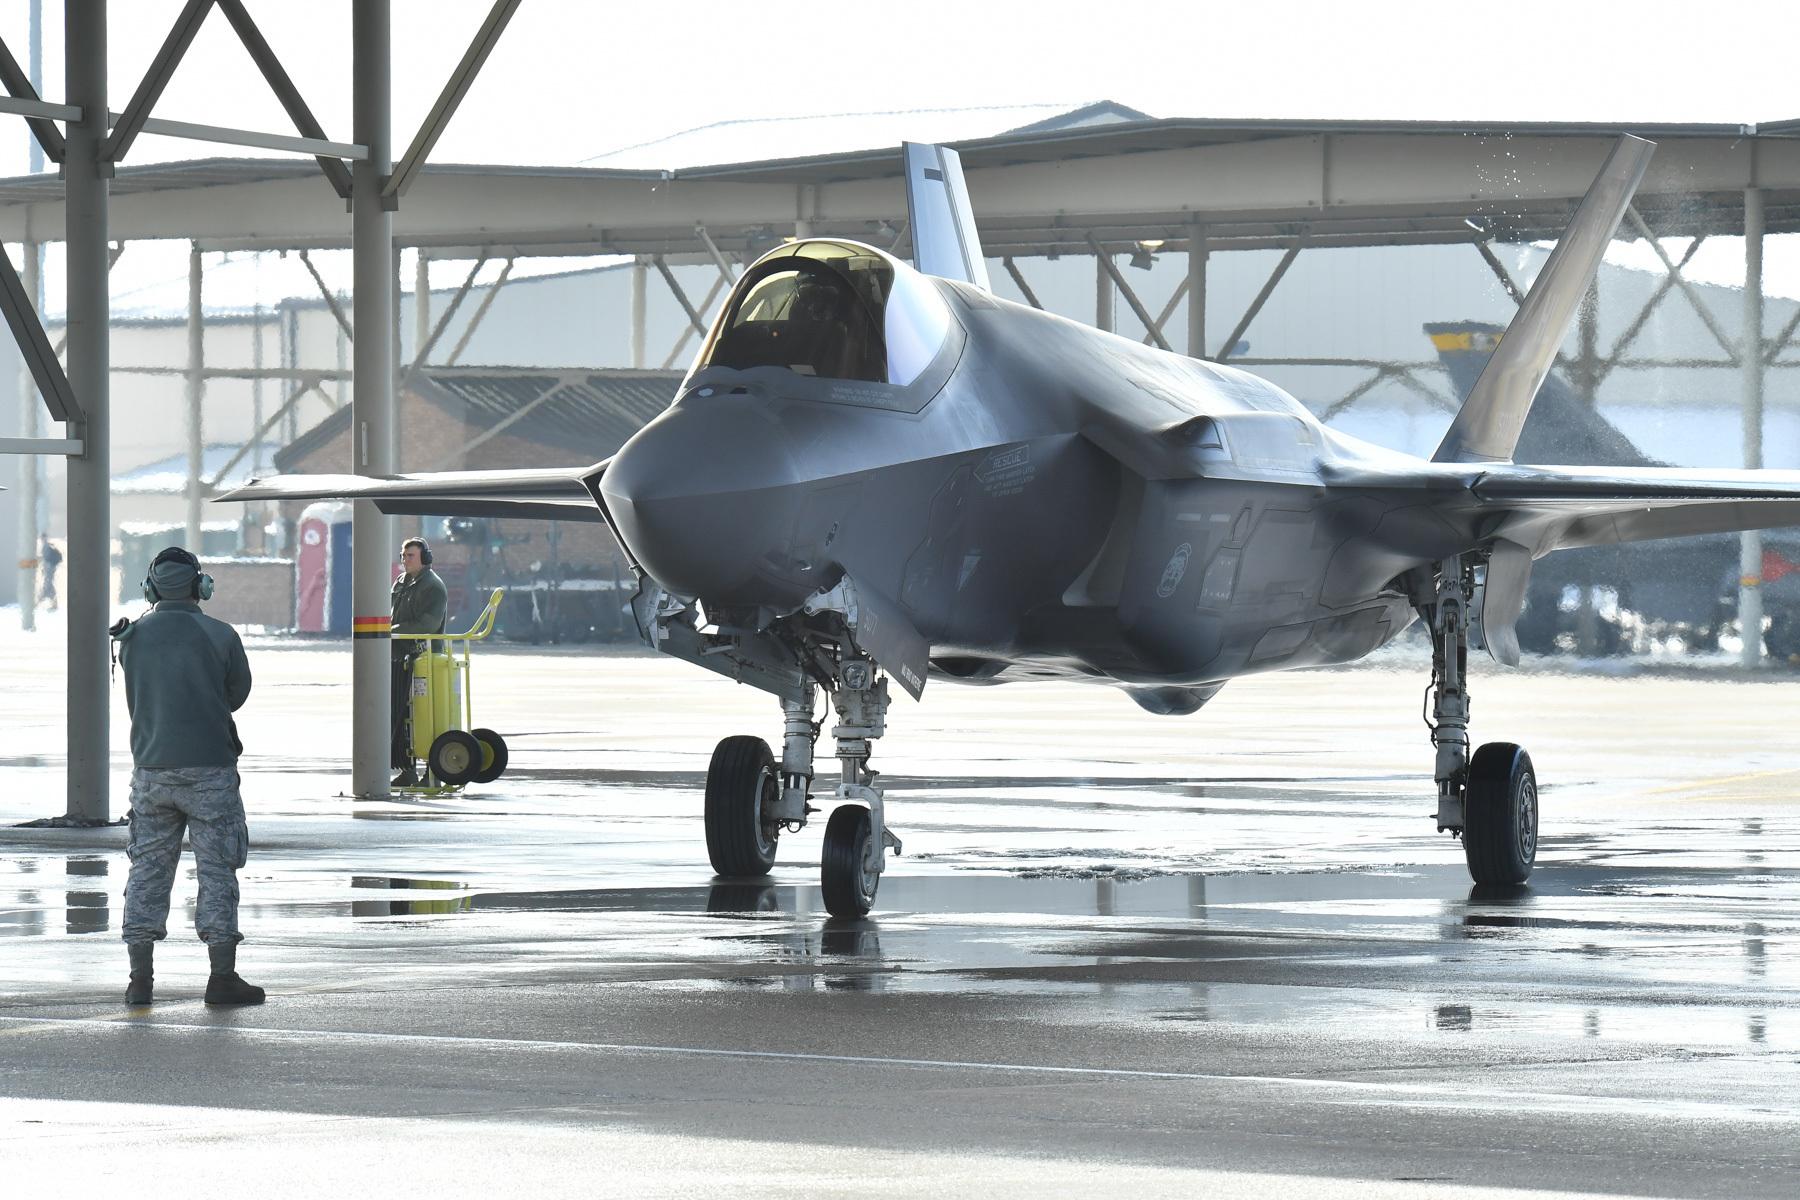 美媒:美军年内将接收完全体F35  释放全部潜力